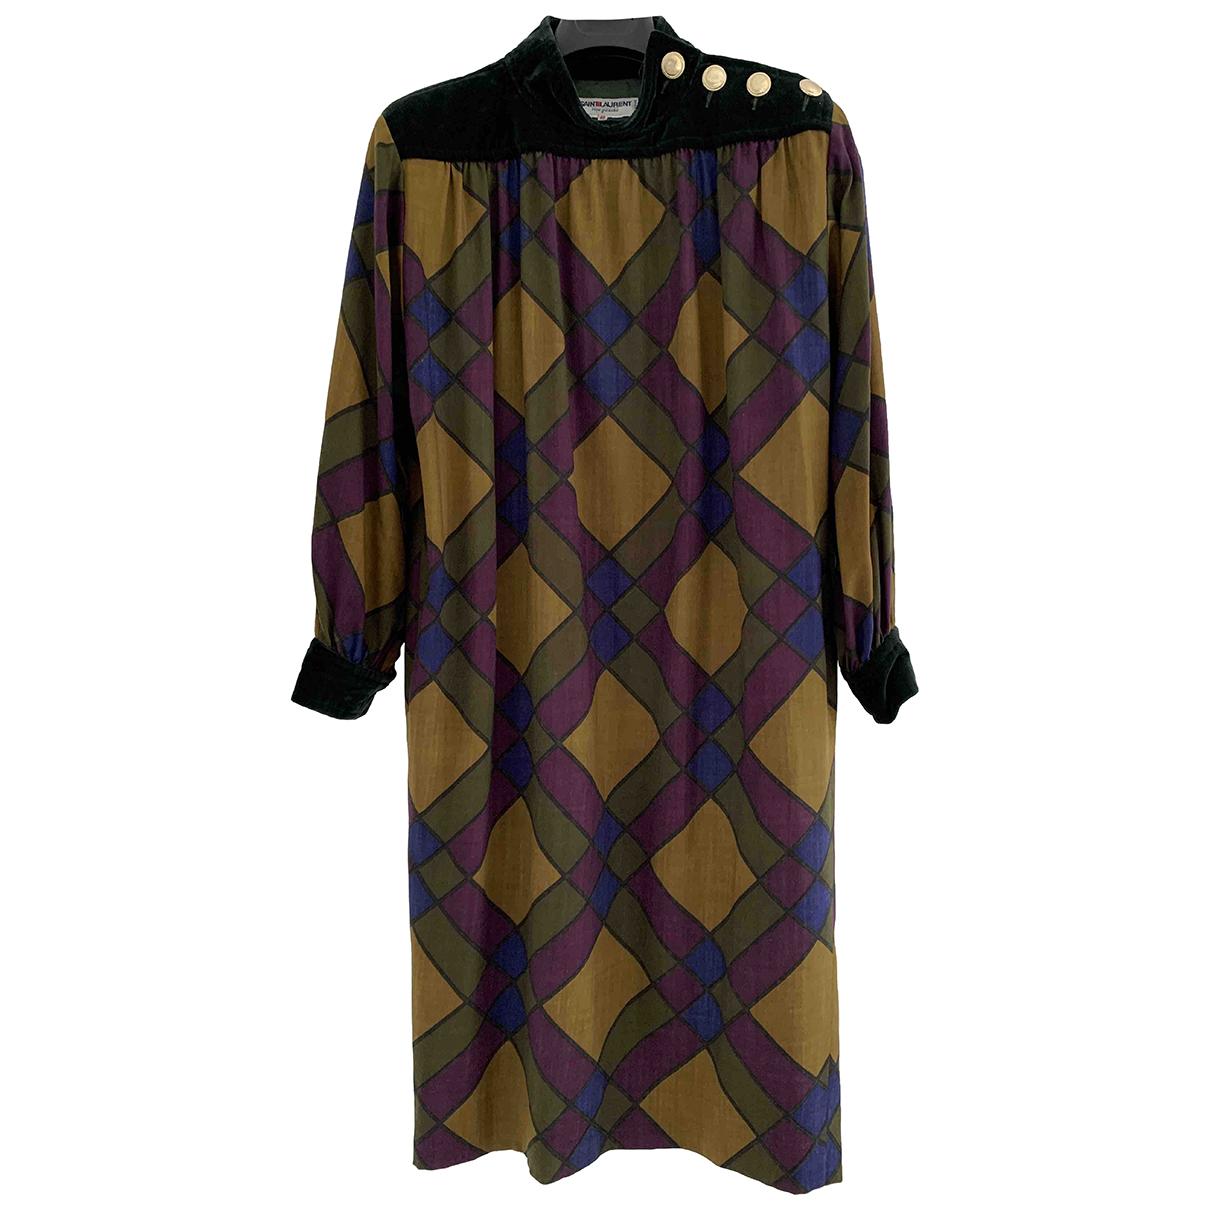 Yves Saint Laurent N Multicolour Wool dress for Women 40 FR